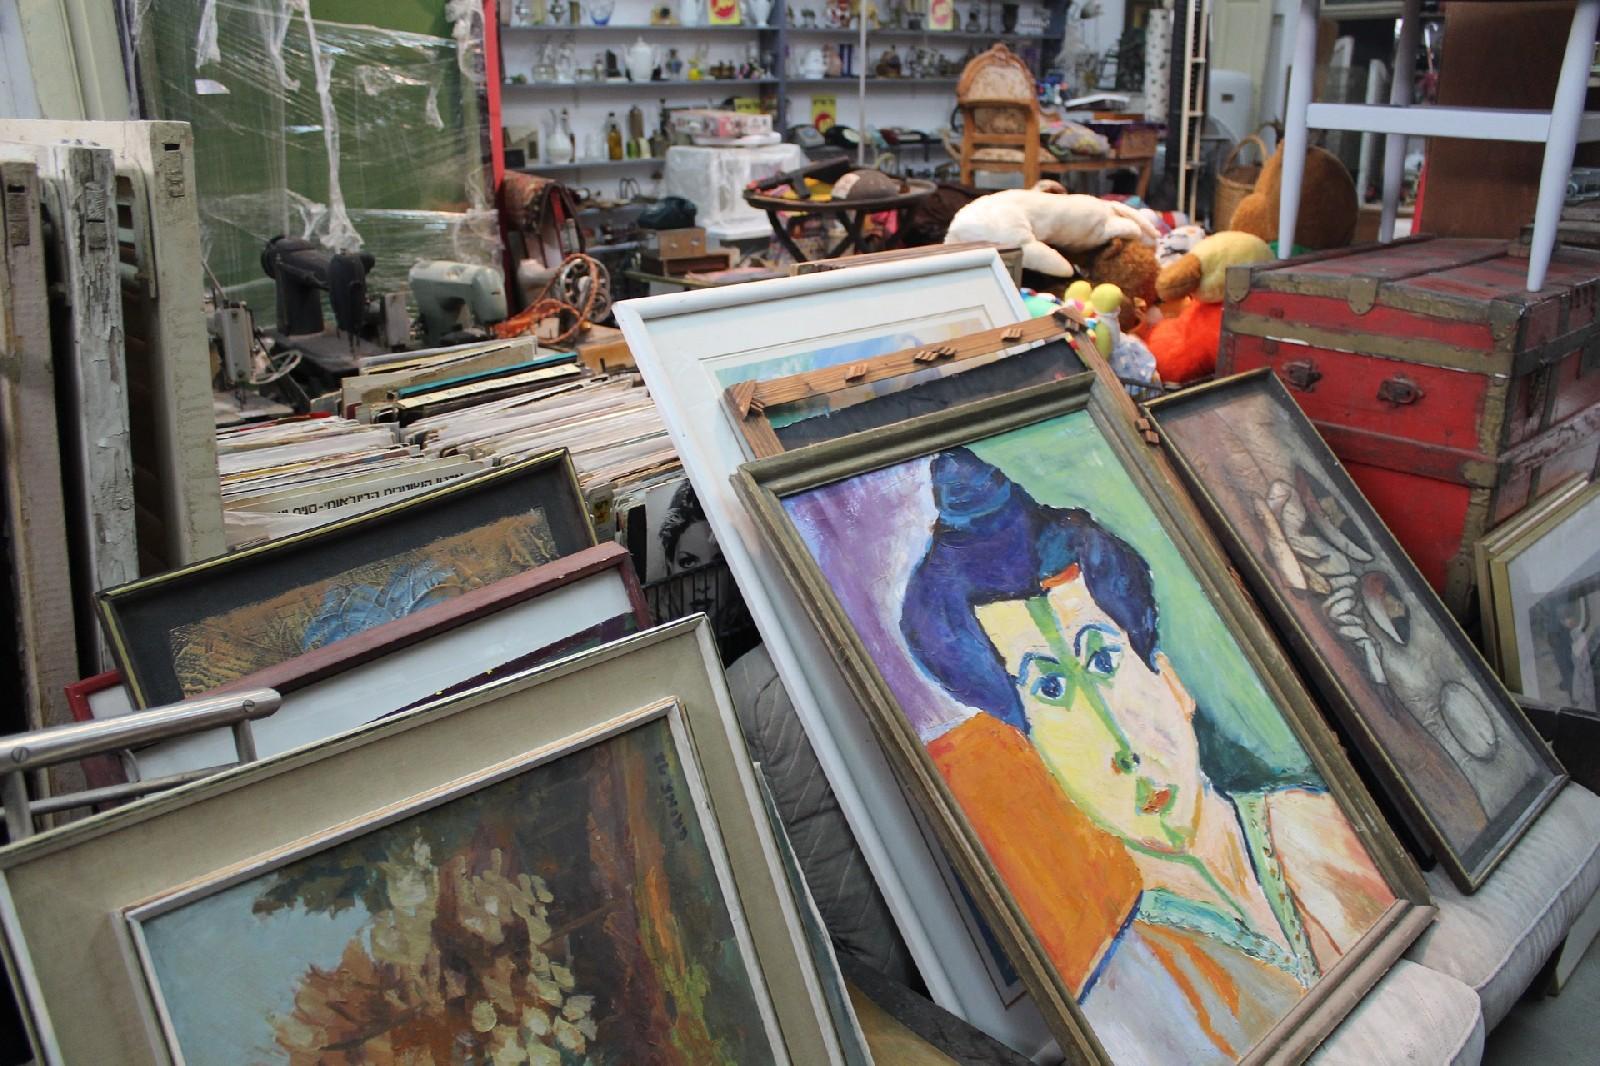 Malarstwo olejne, akwarela czy akryl – co wybrać?